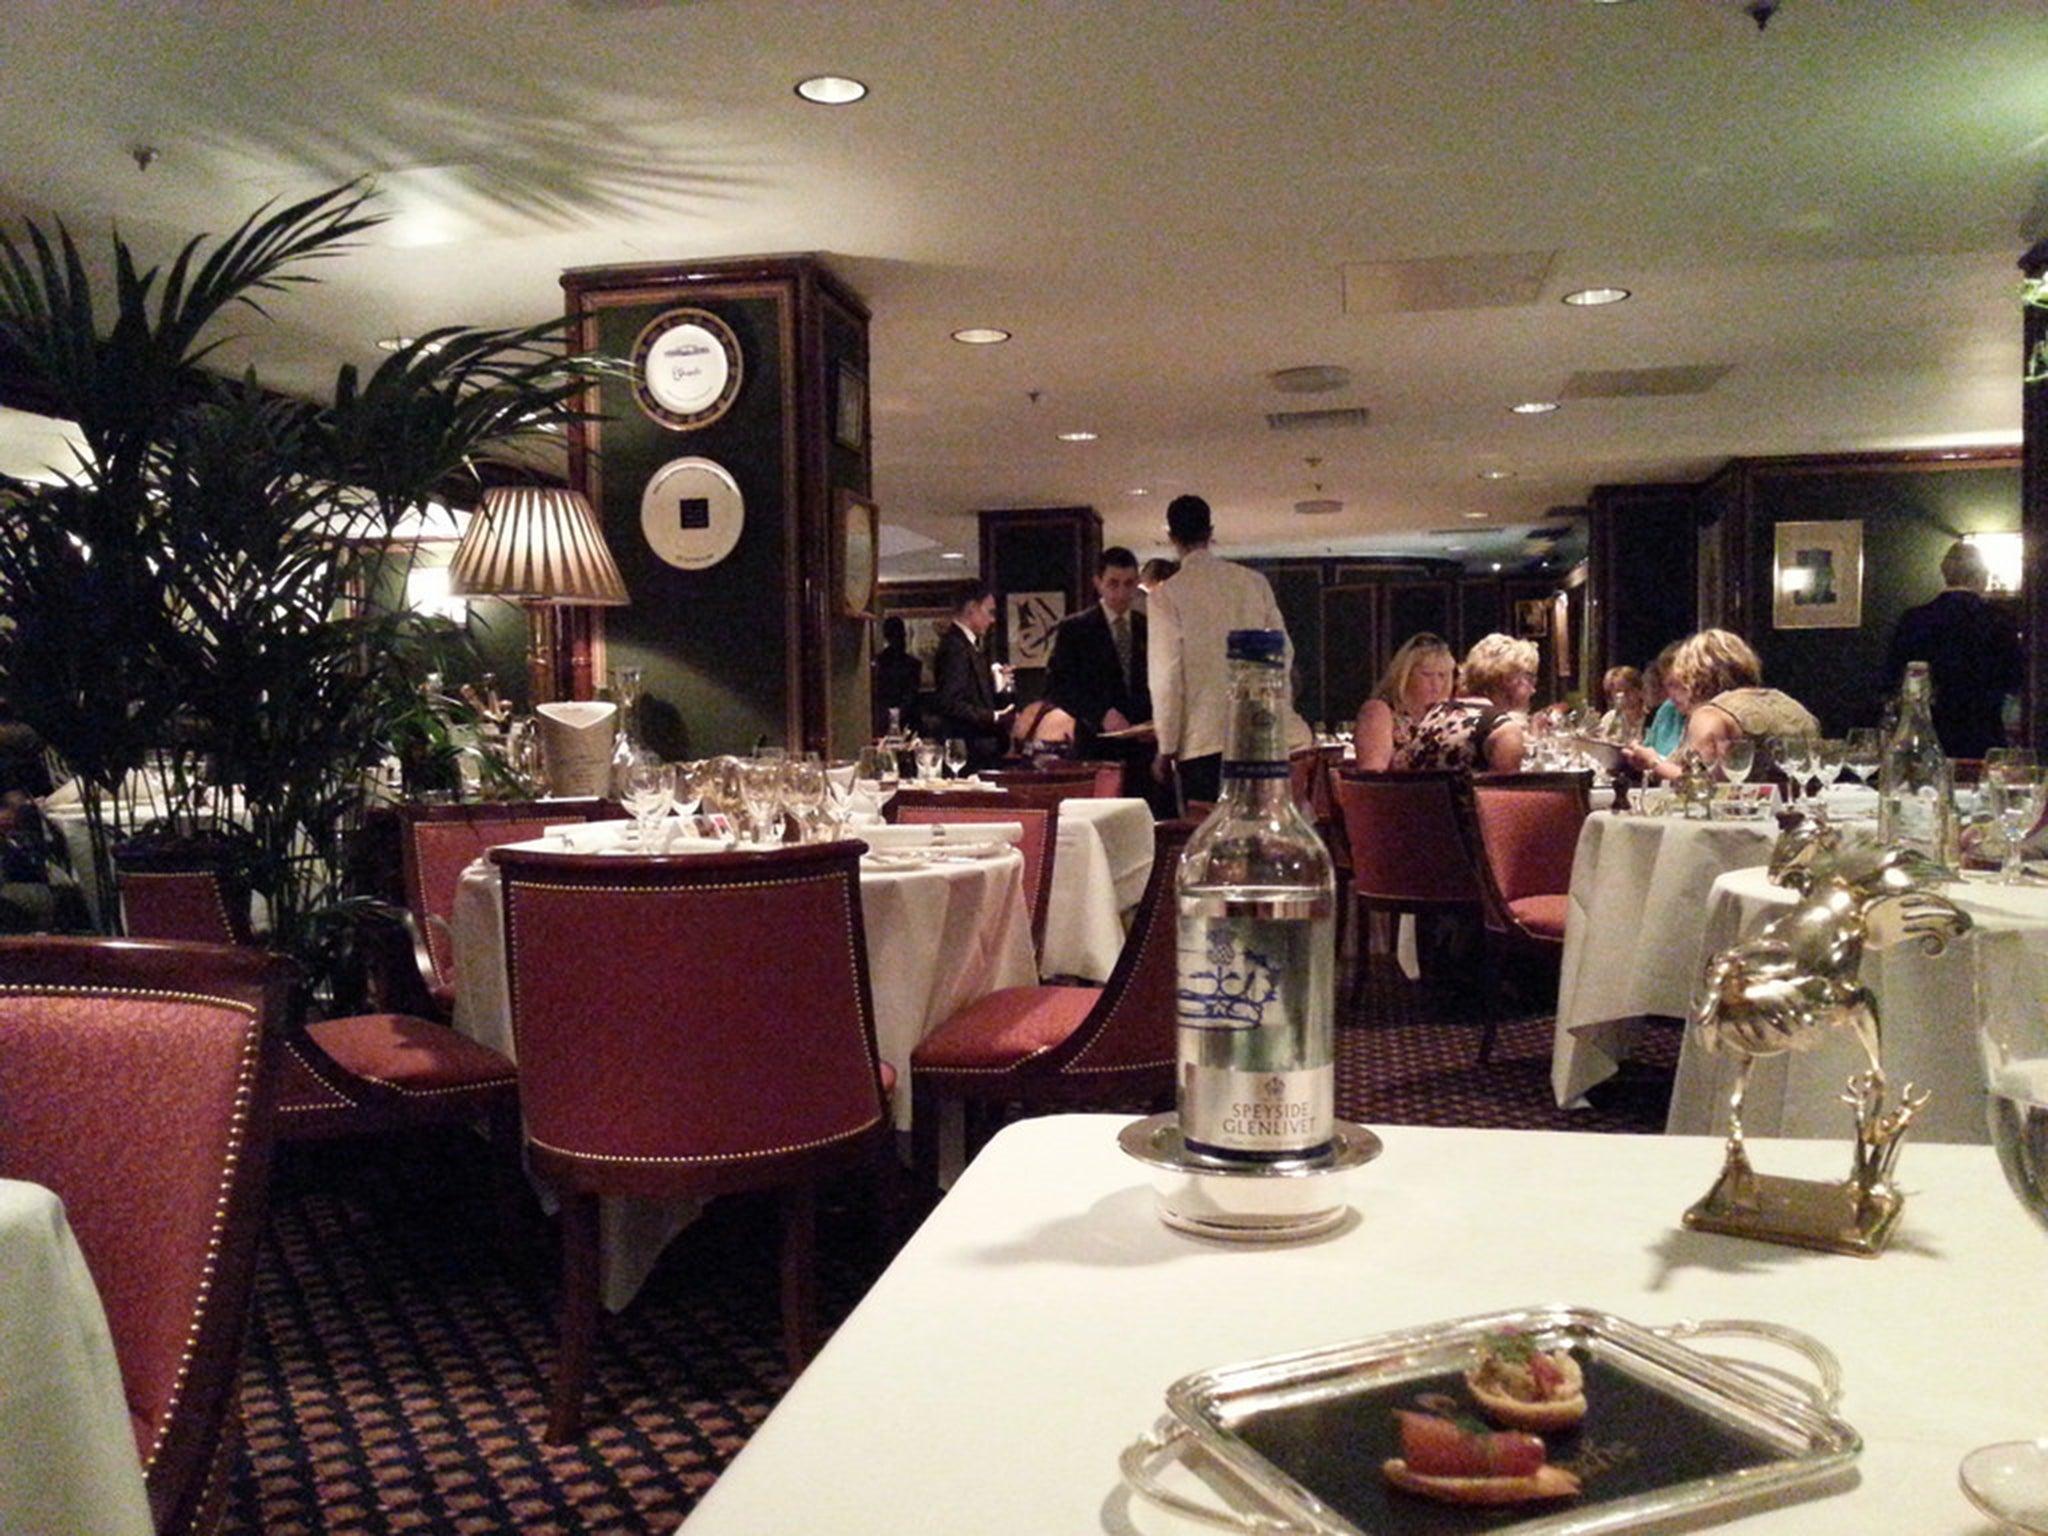 Le gavroche private dining